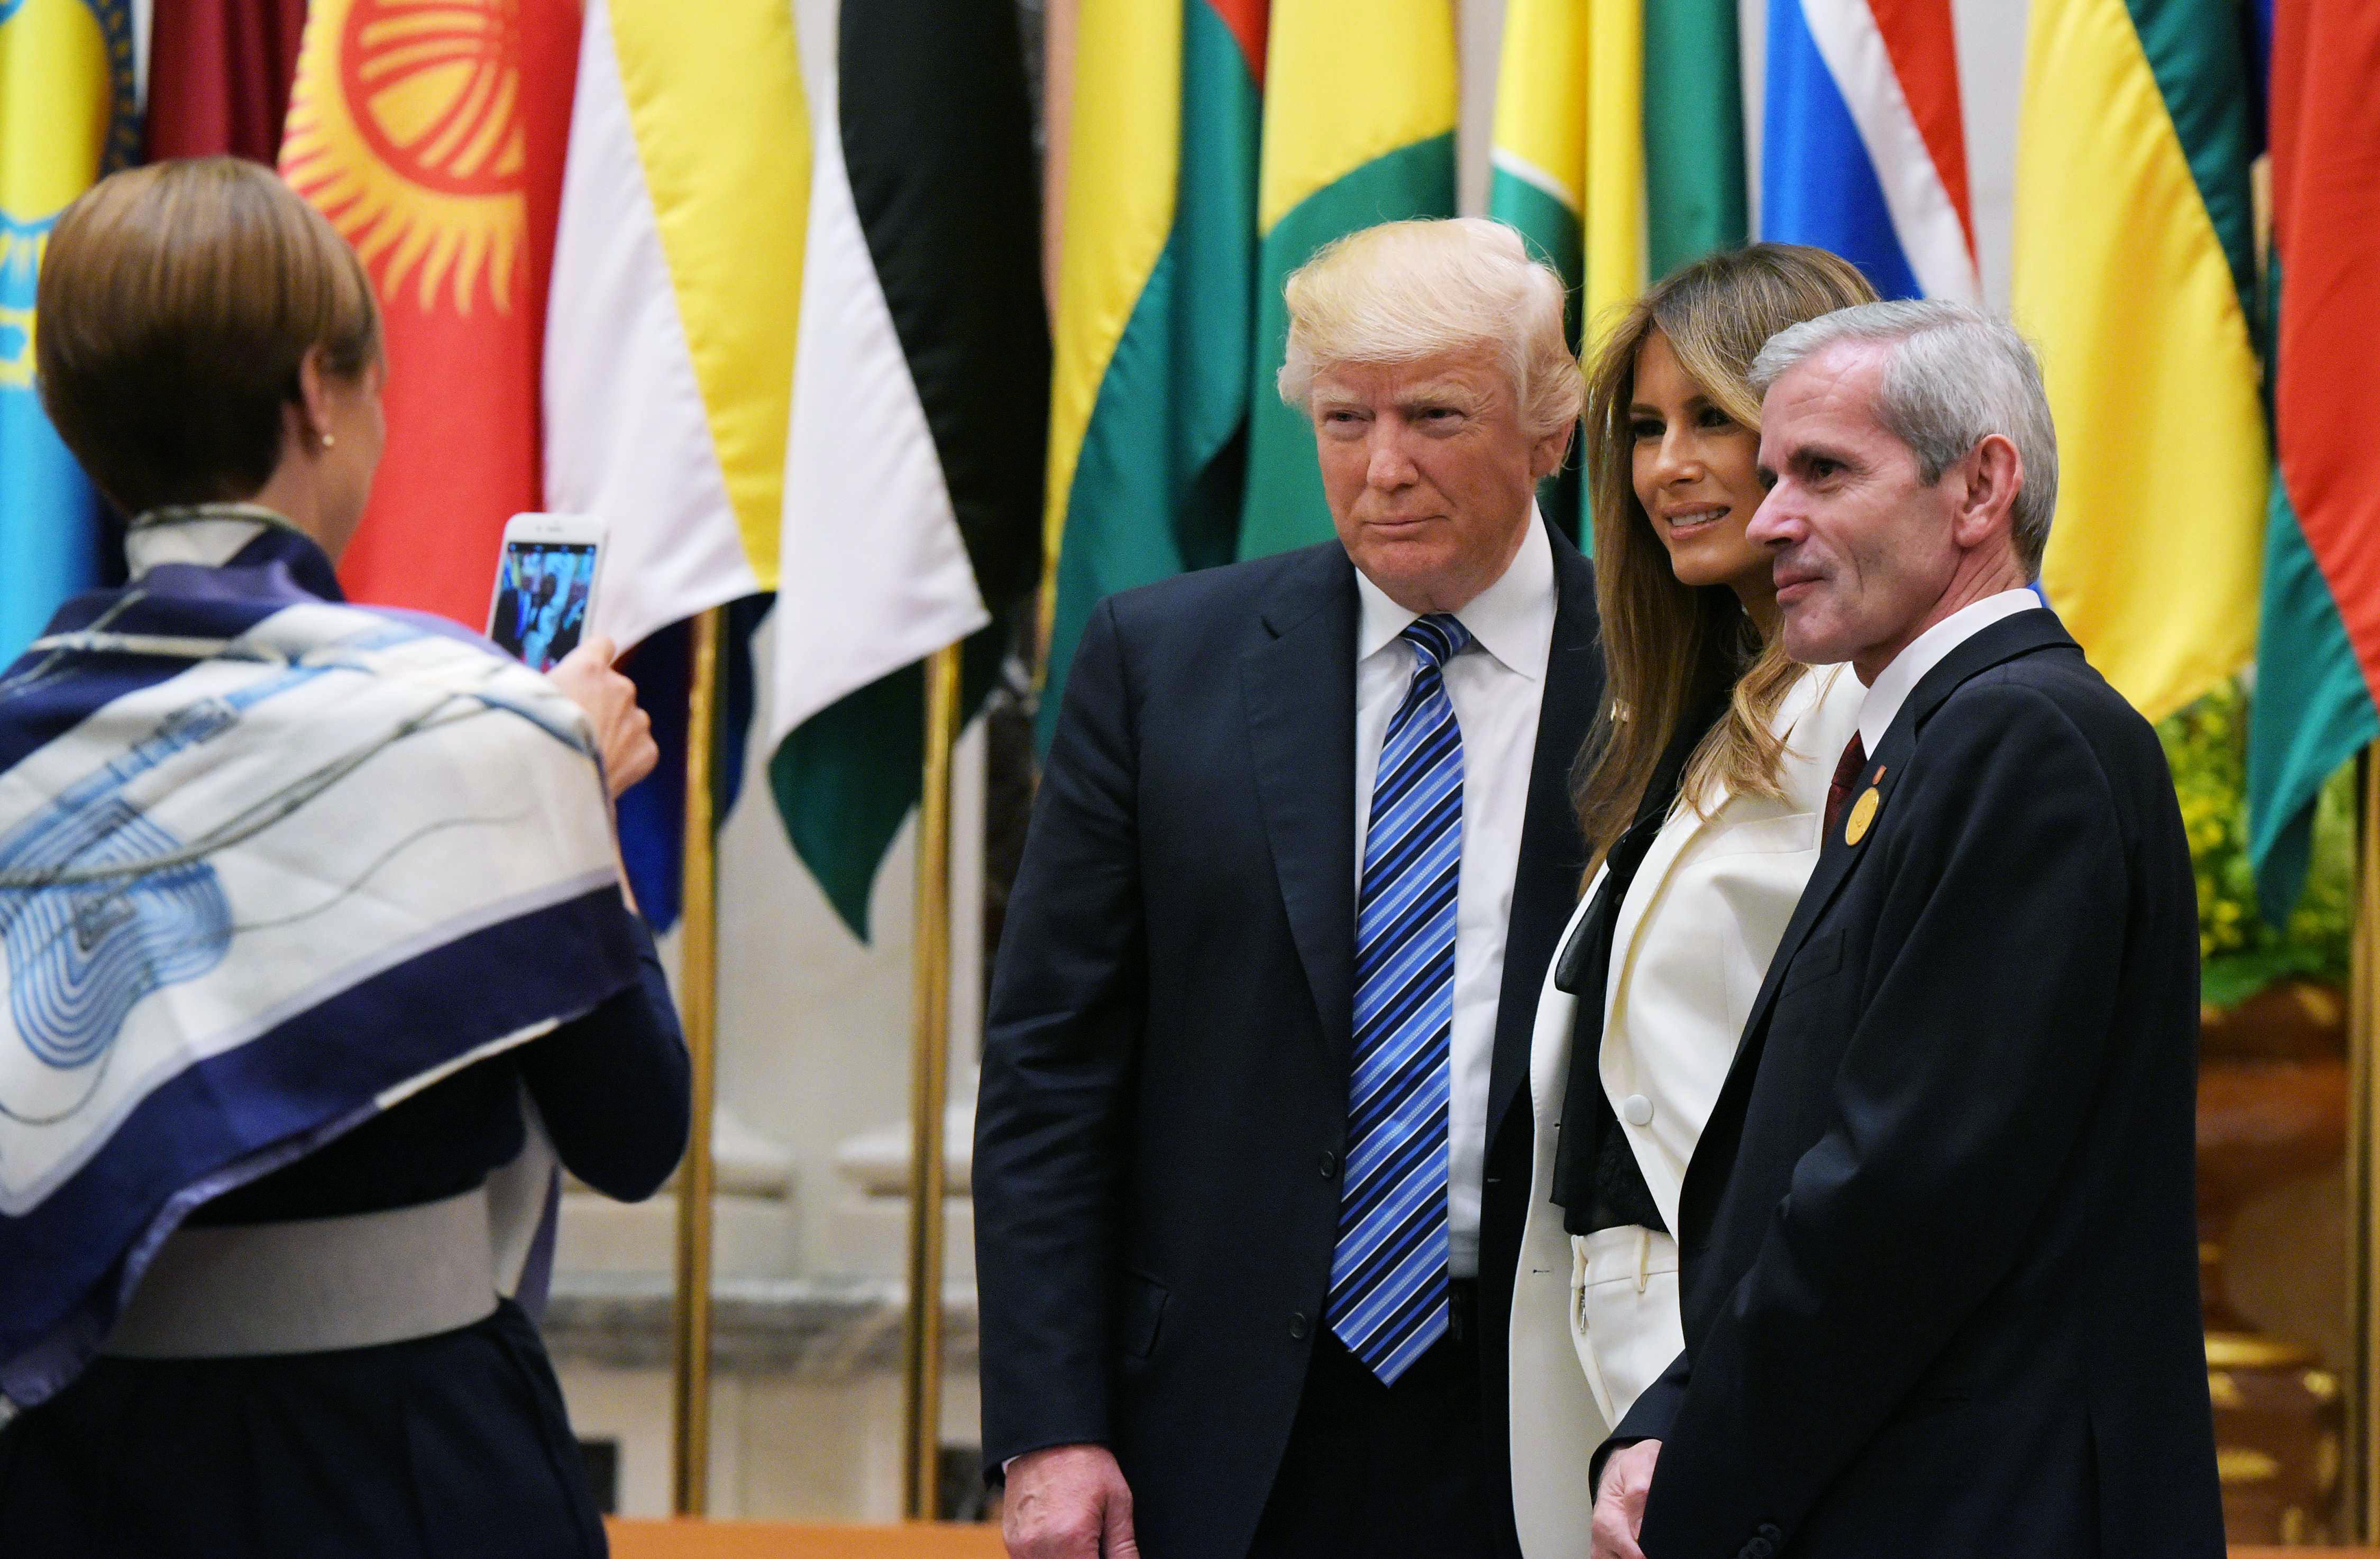 Trump terrorellenes nagykoalícióra hívja a muzulmán országokat